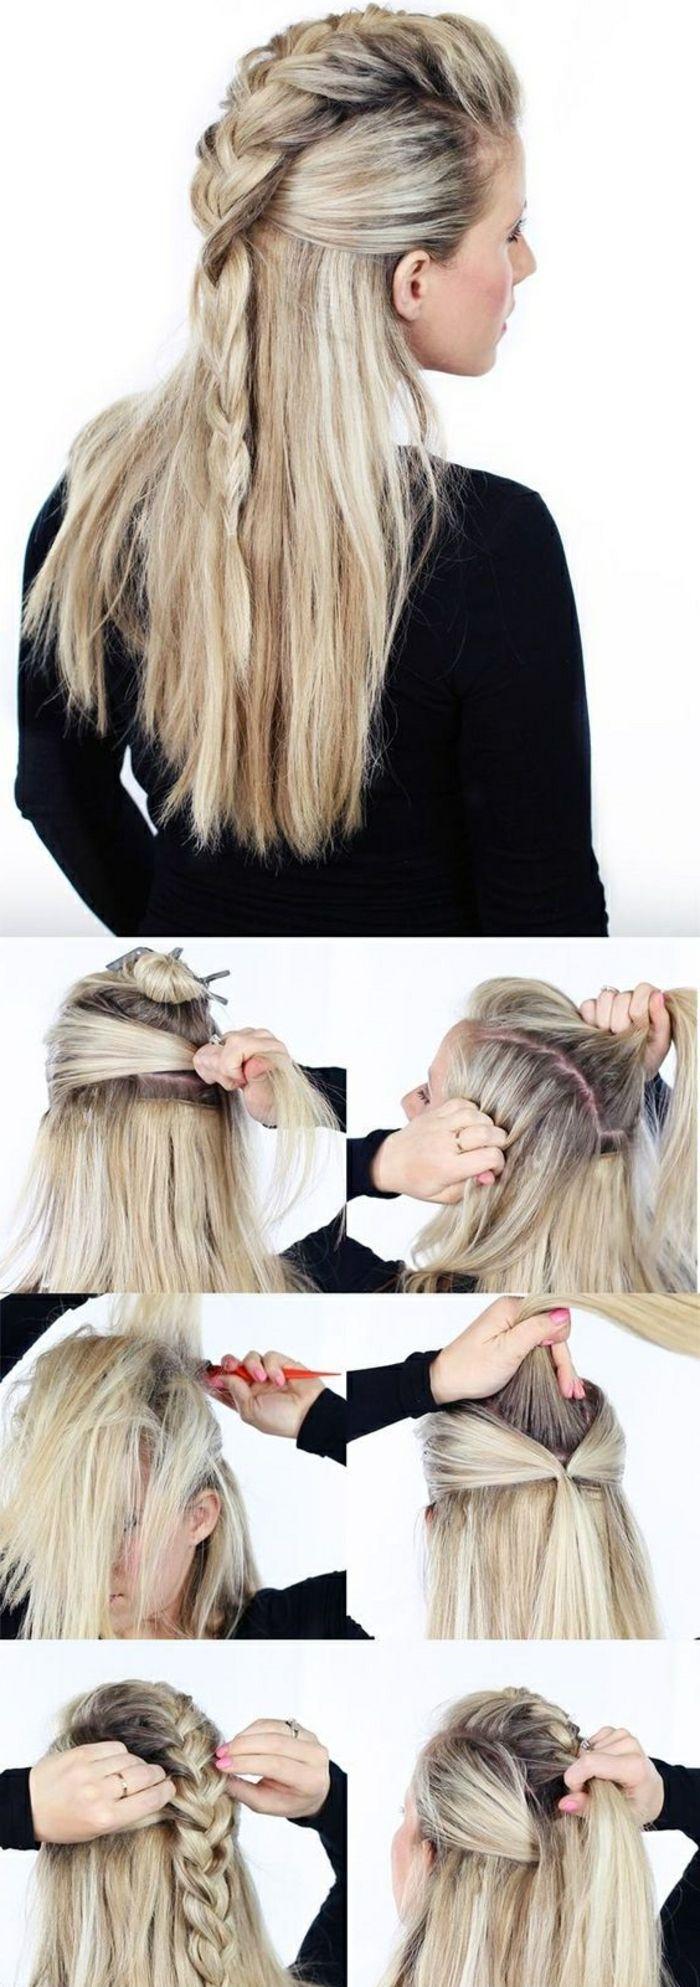 Idée Tendance Coupe & Coiffure Femme 2017/ 2018 : vikings lagertha cheveux blonds manucure rose tutoriel comment faire une coif